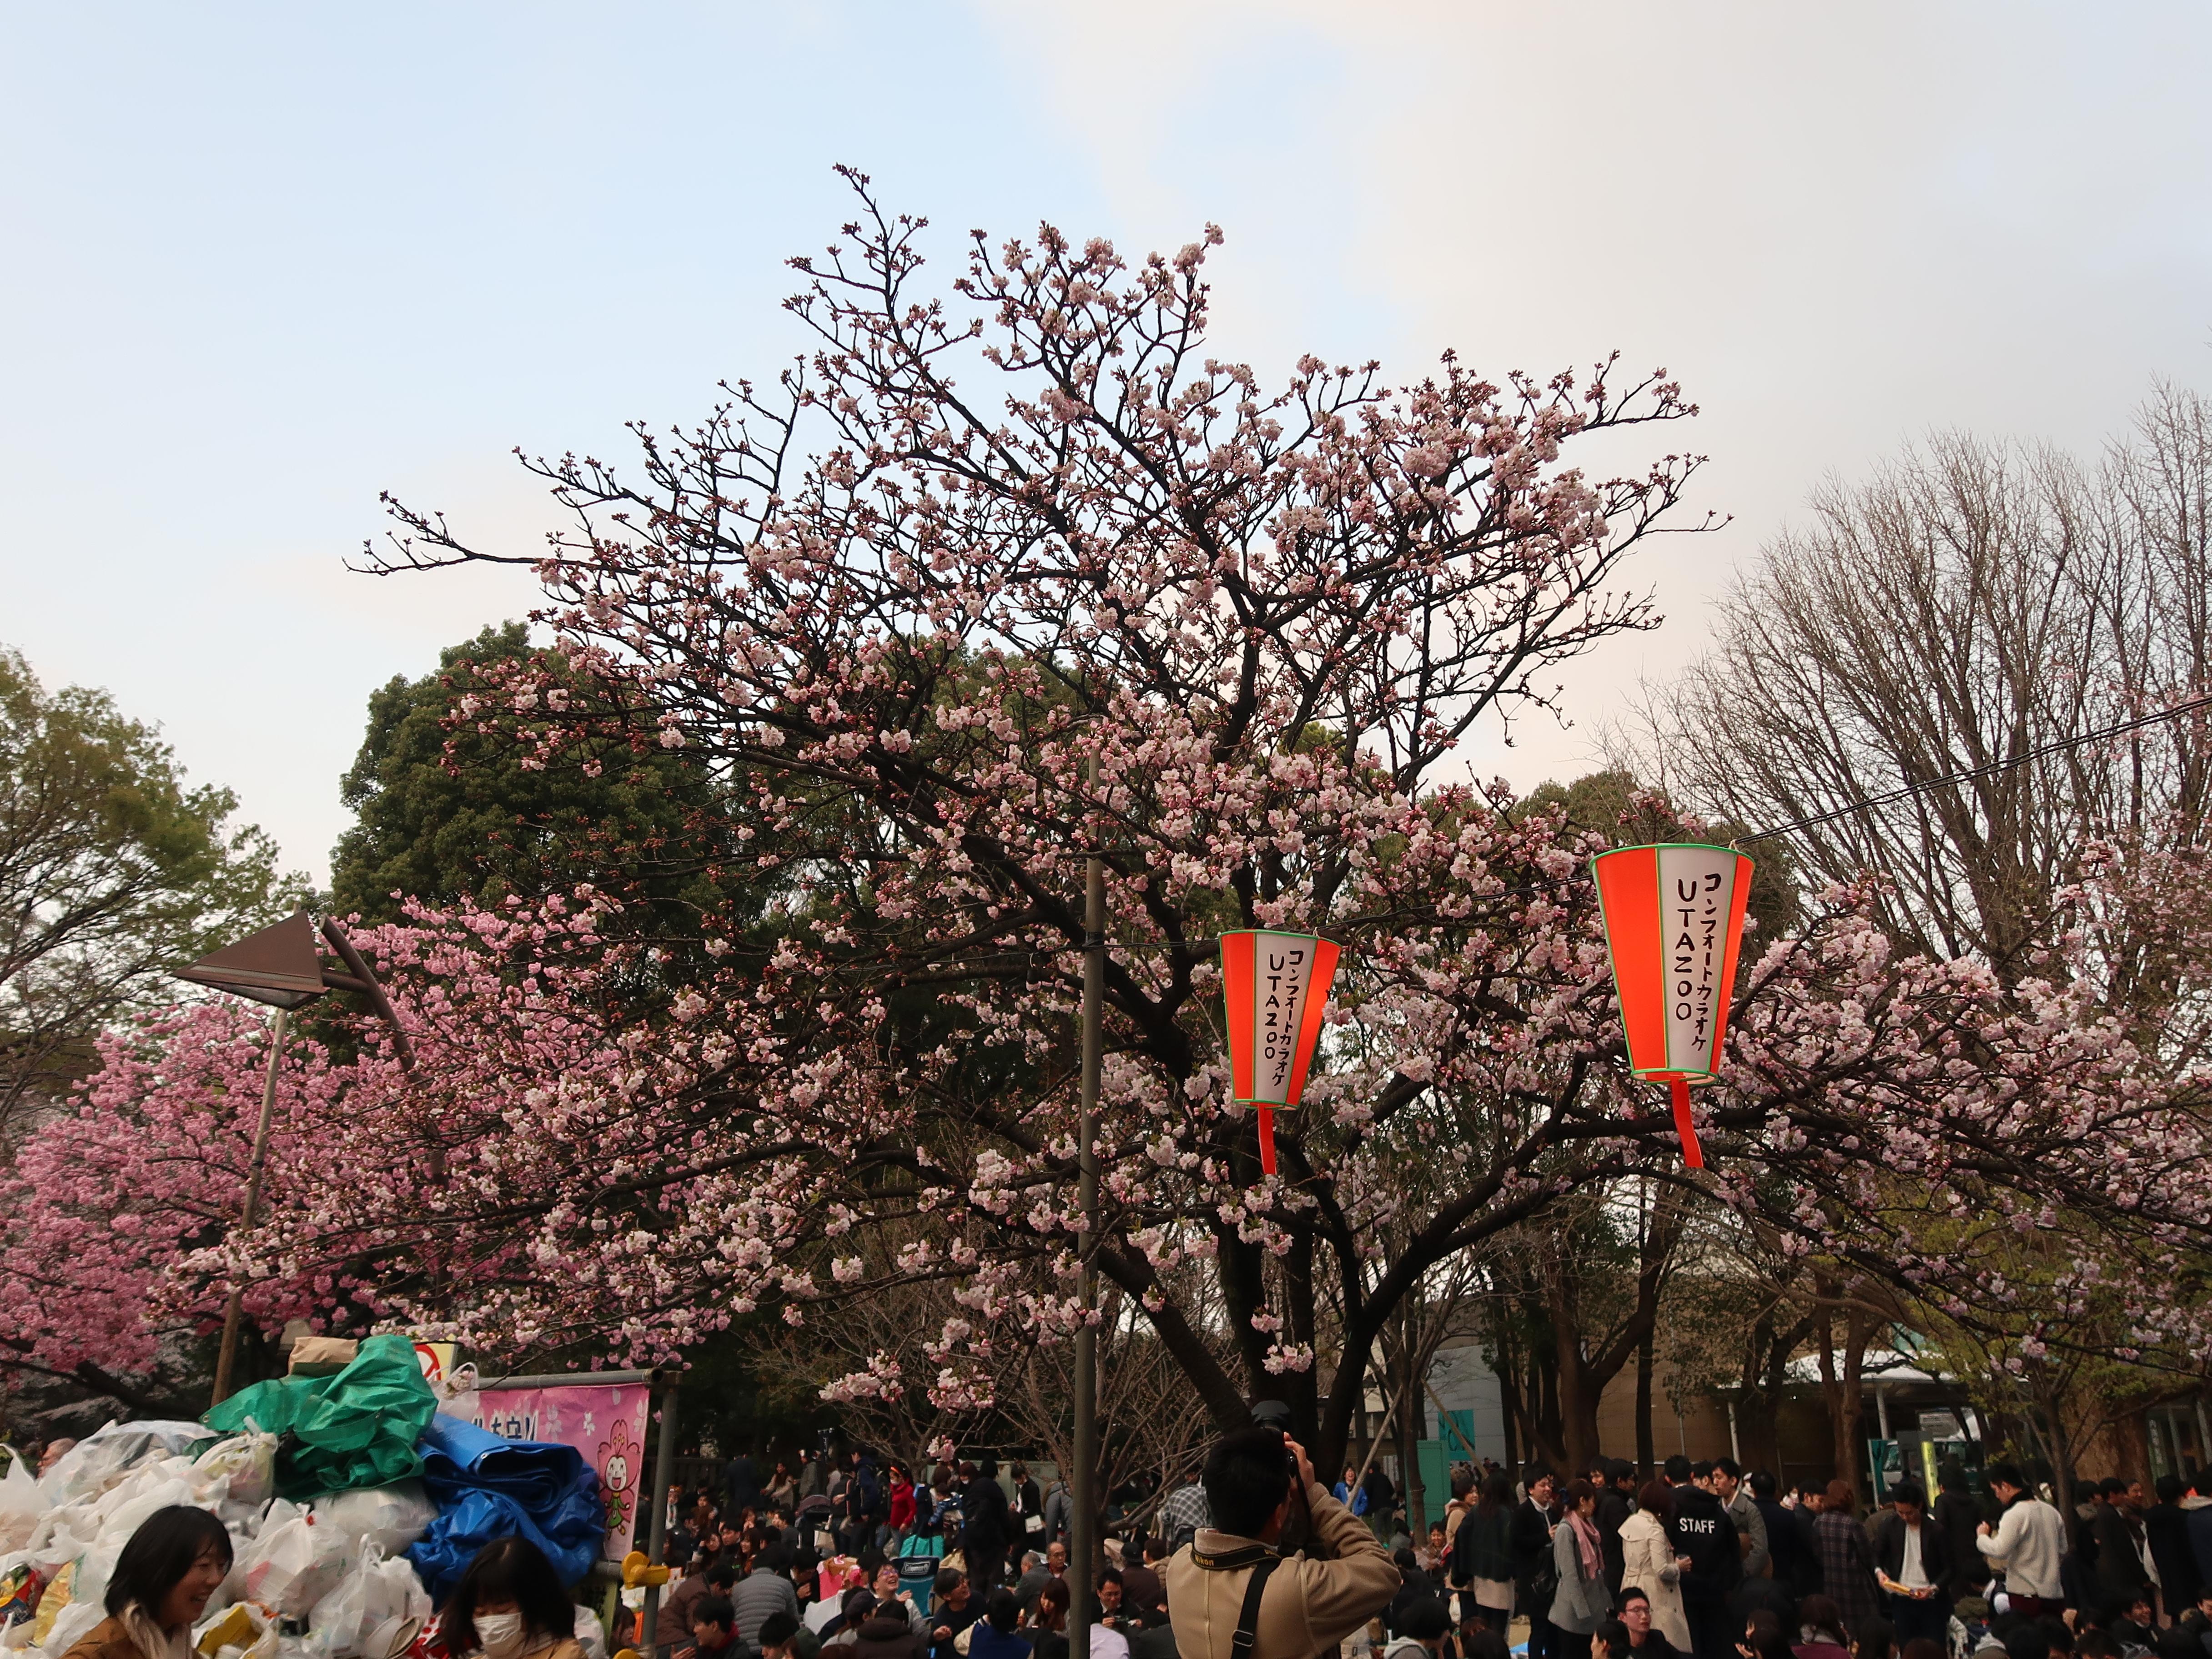 Cherry var. Kokeshimidzu/ コケシミズ 花の咲いている木の全景